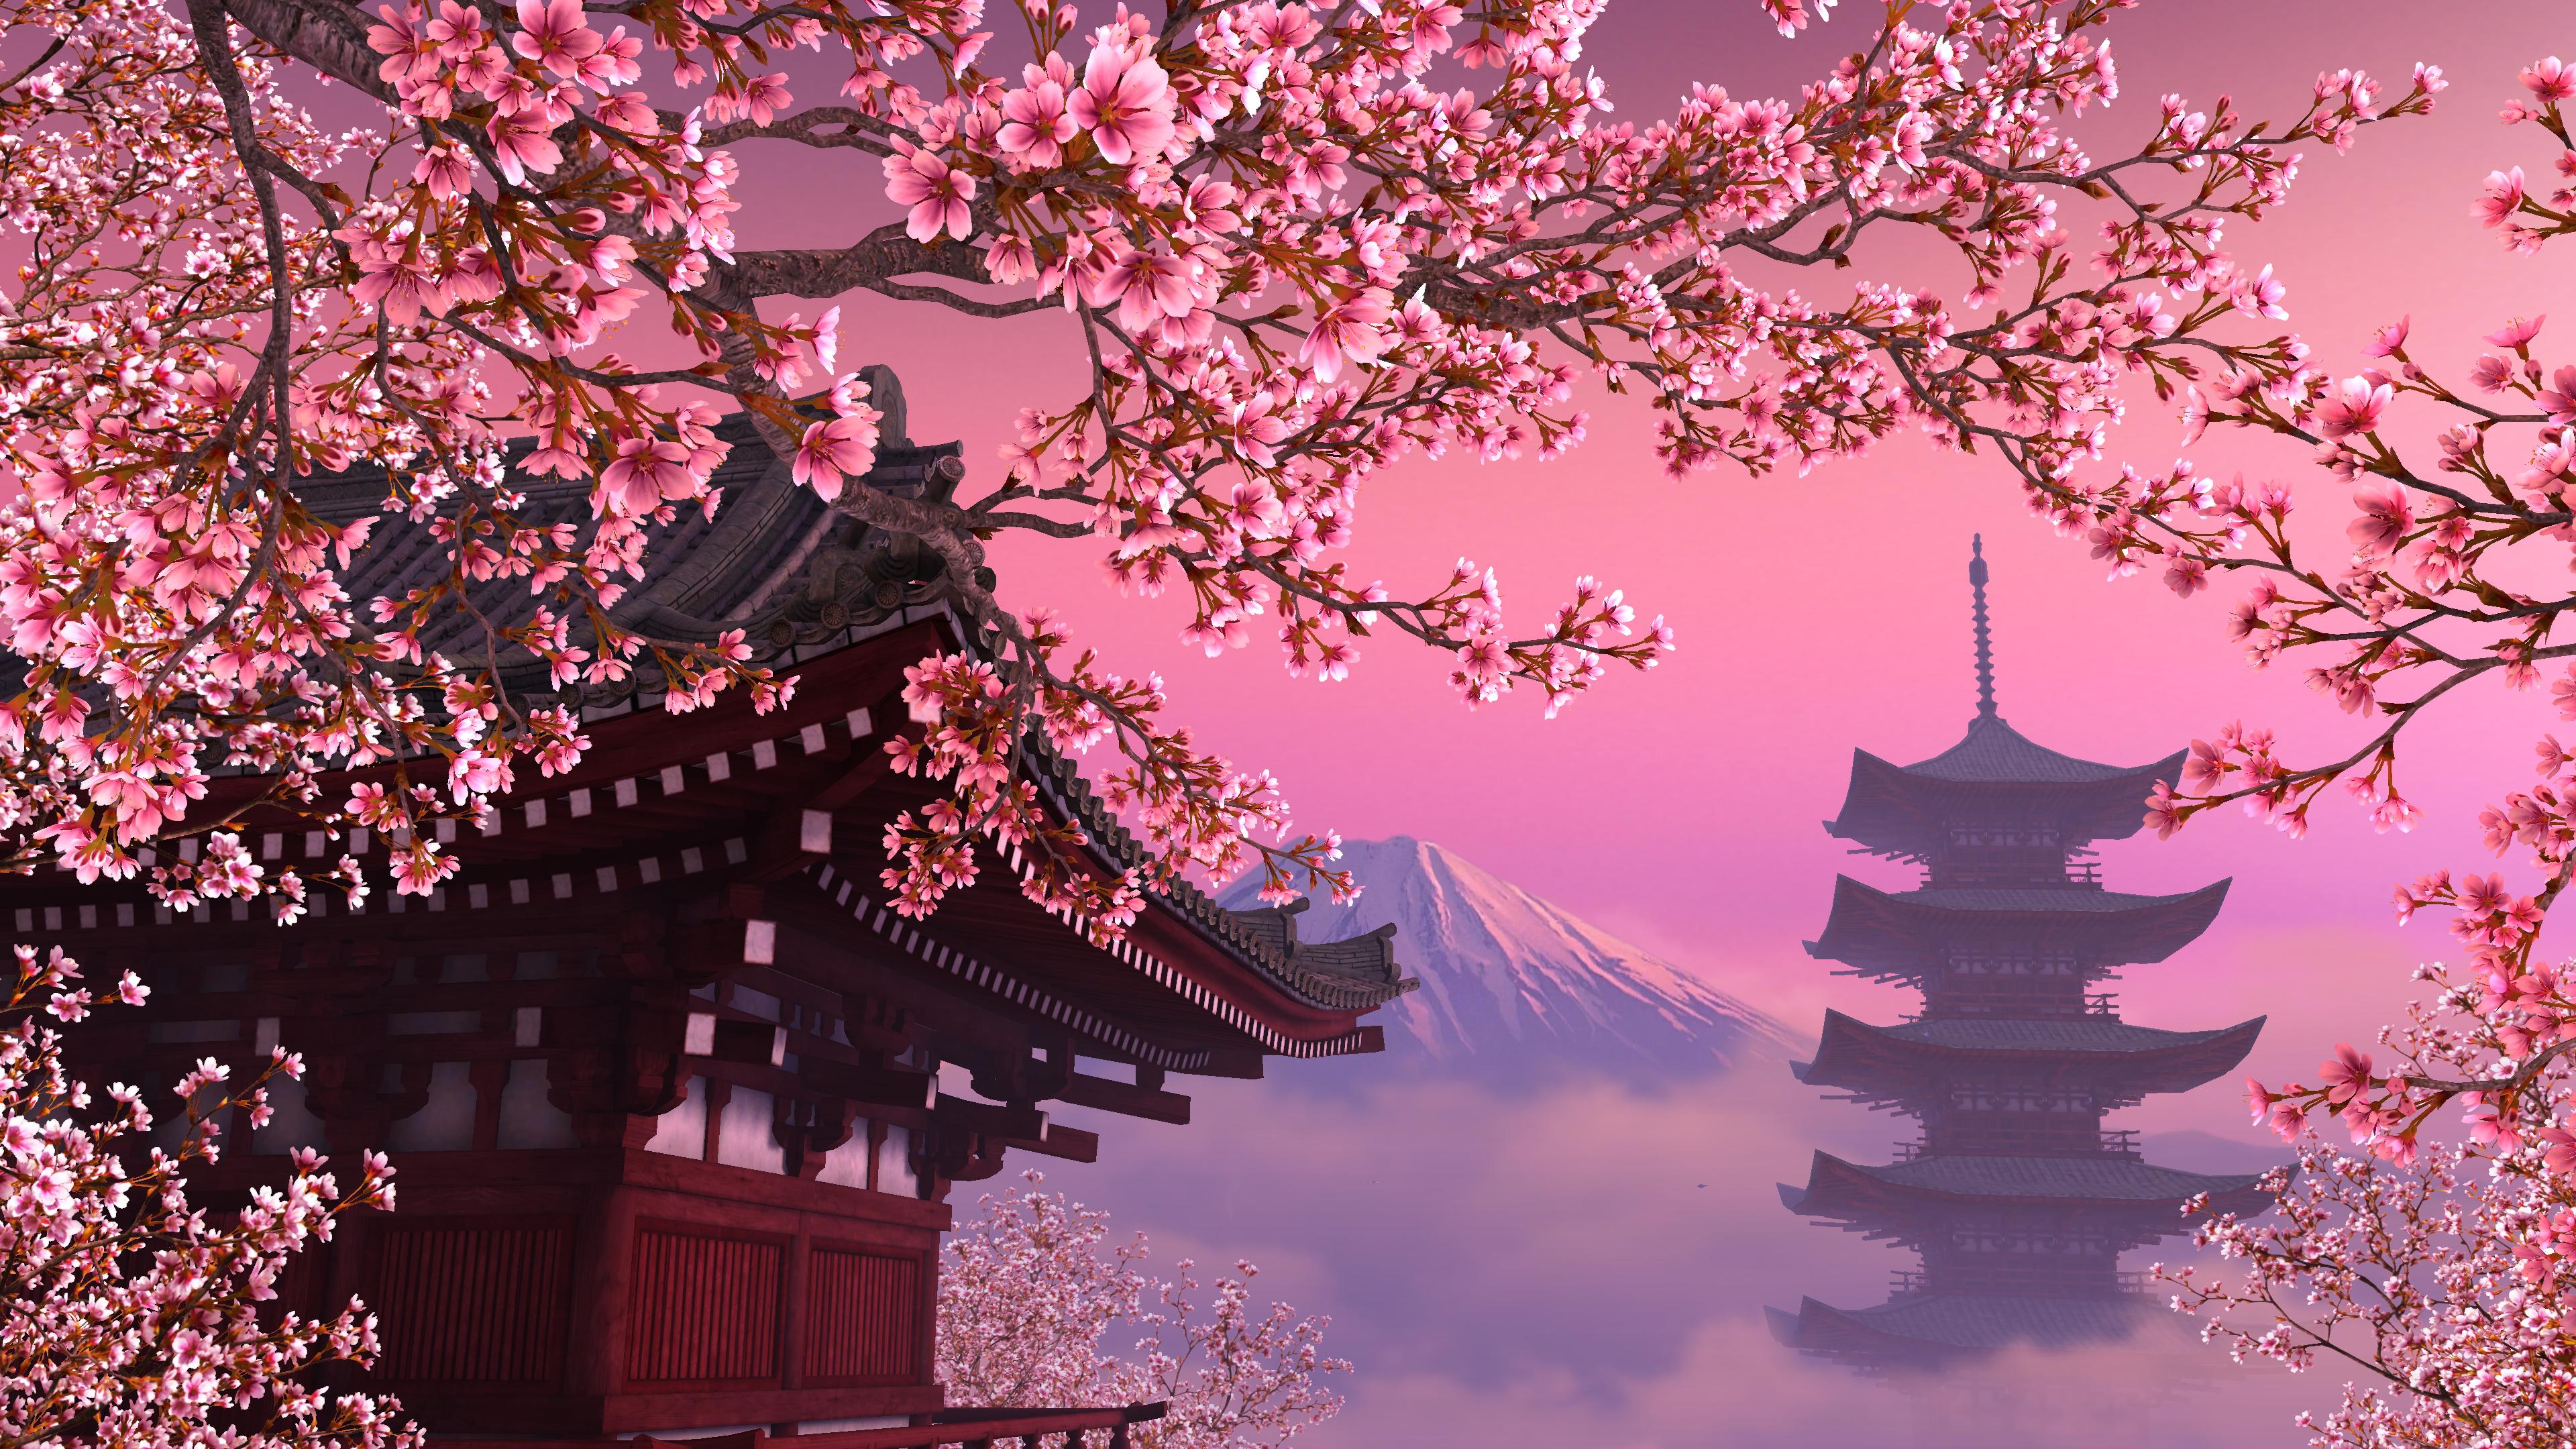 Sakura 4k Ultra Hd Wallpaper Background Image 3840x2160